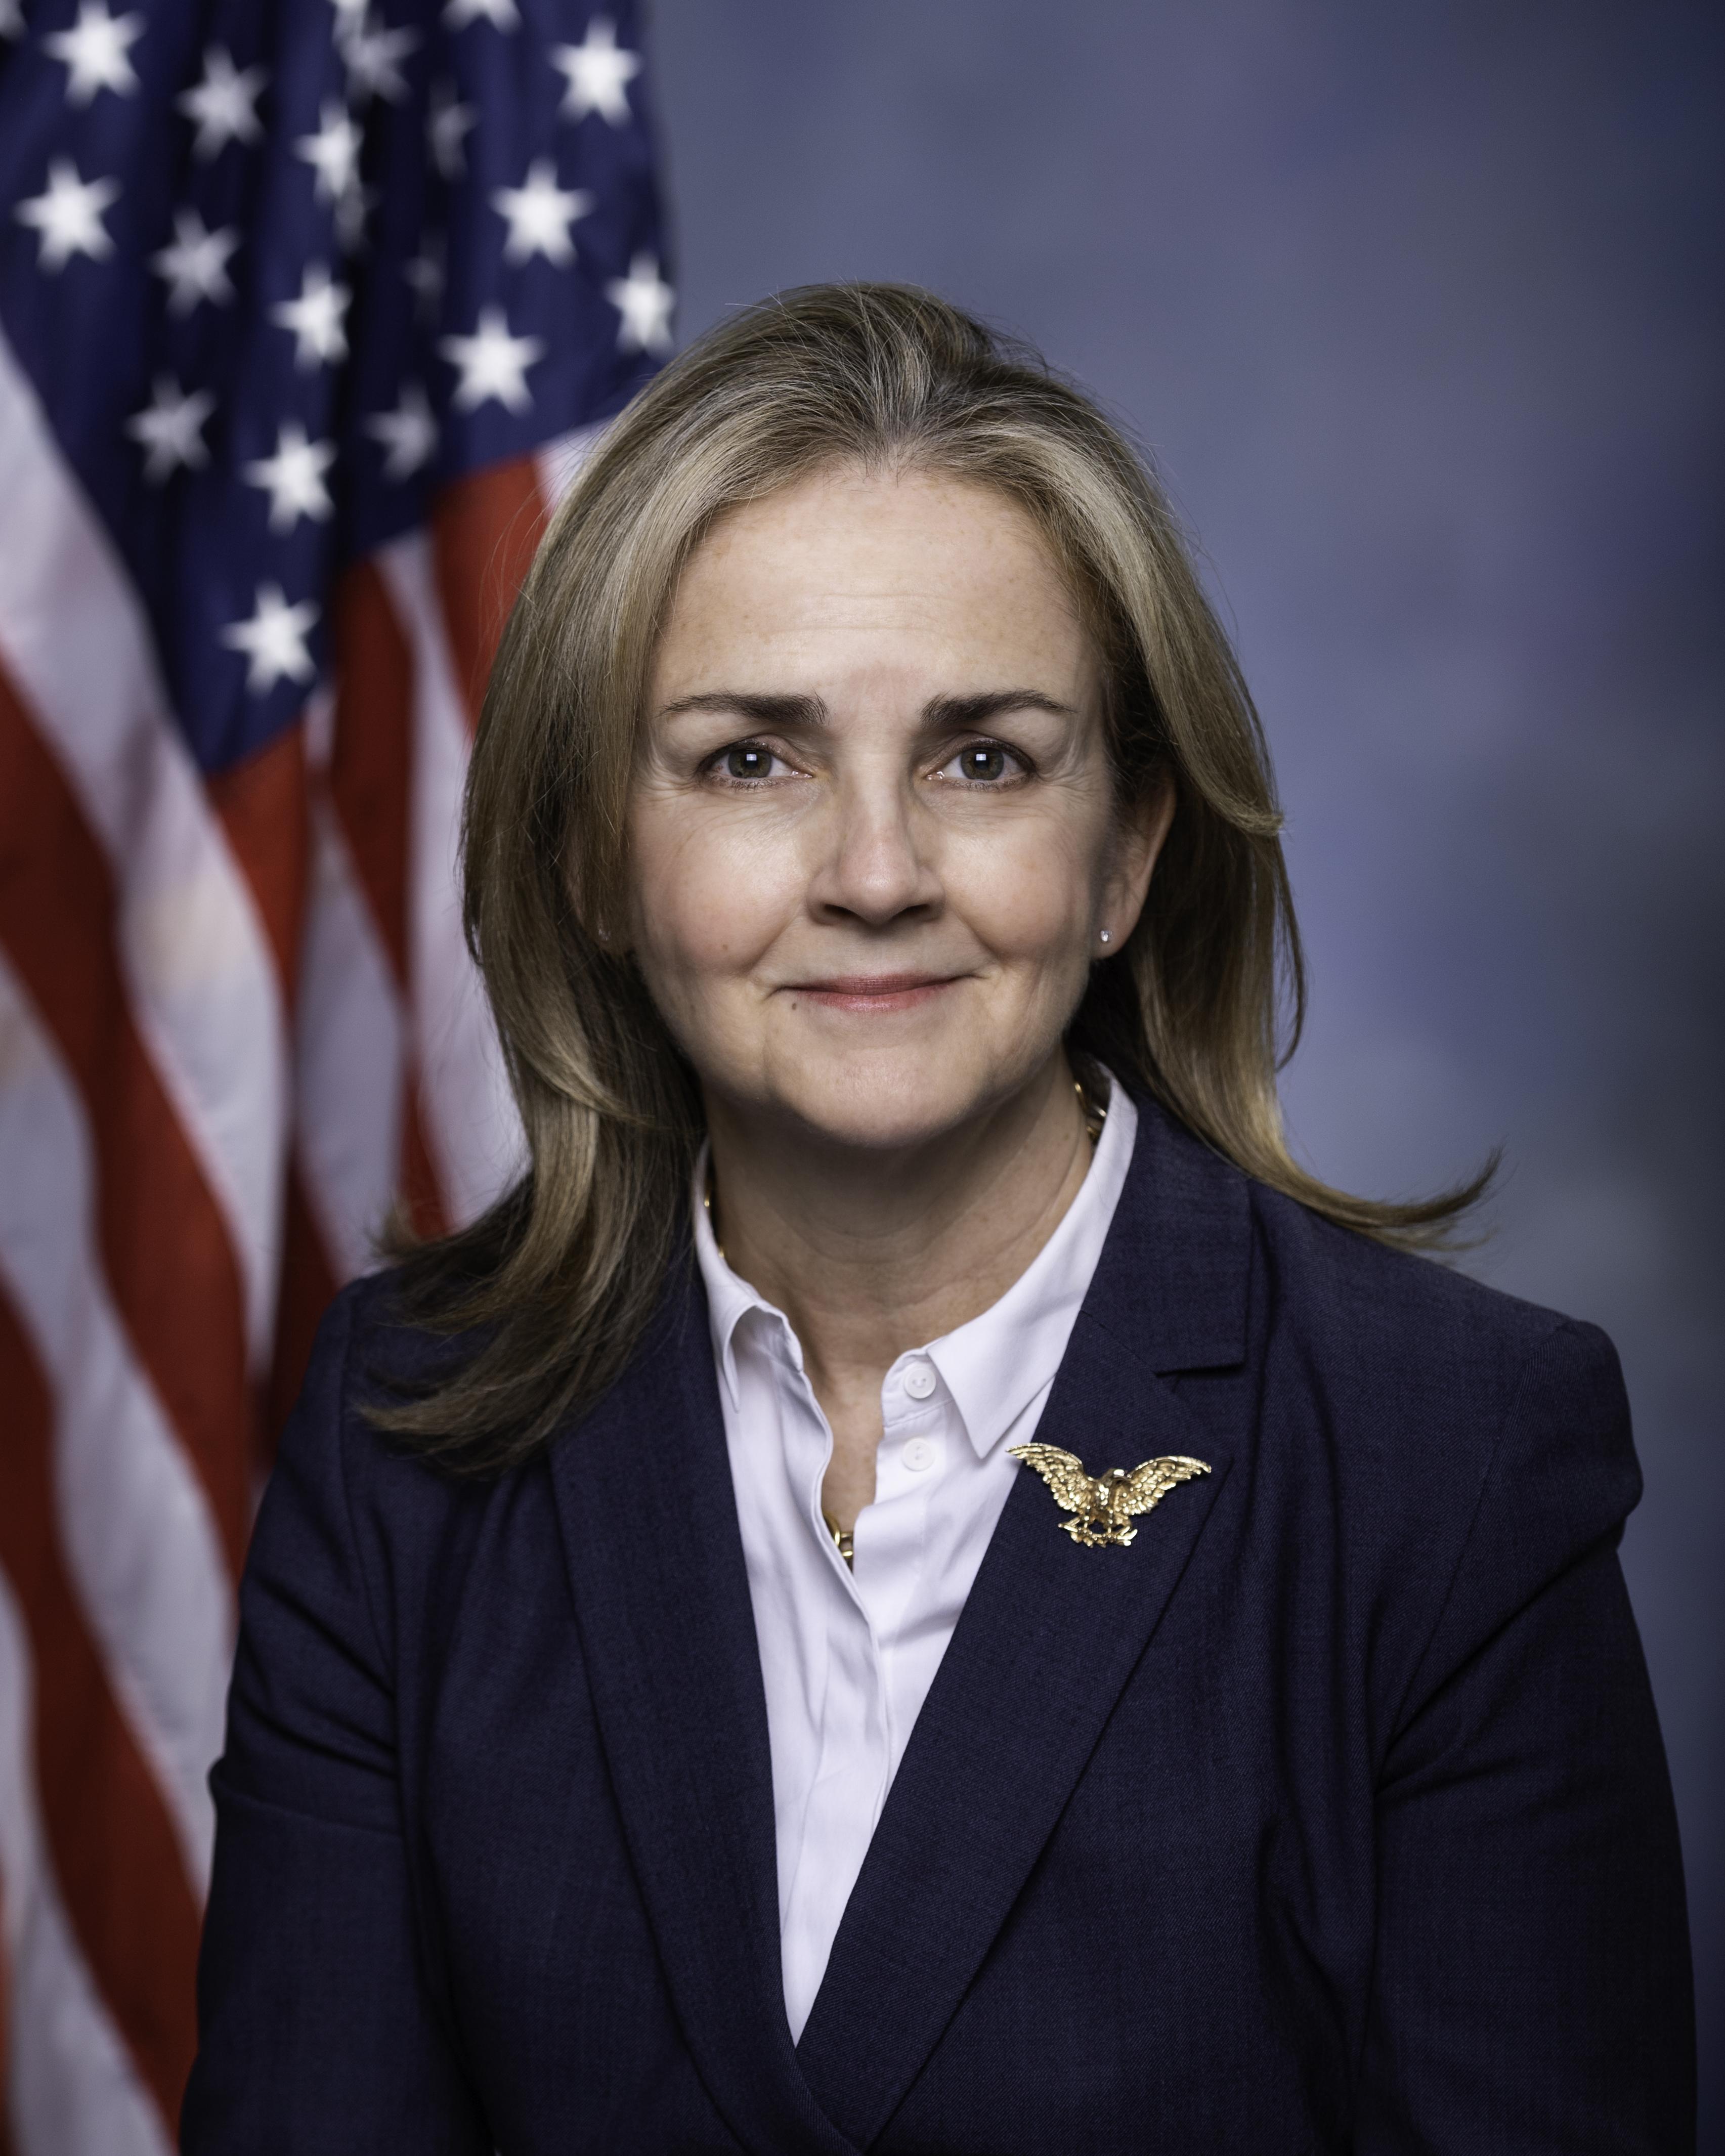 Madeleine Dean's photo